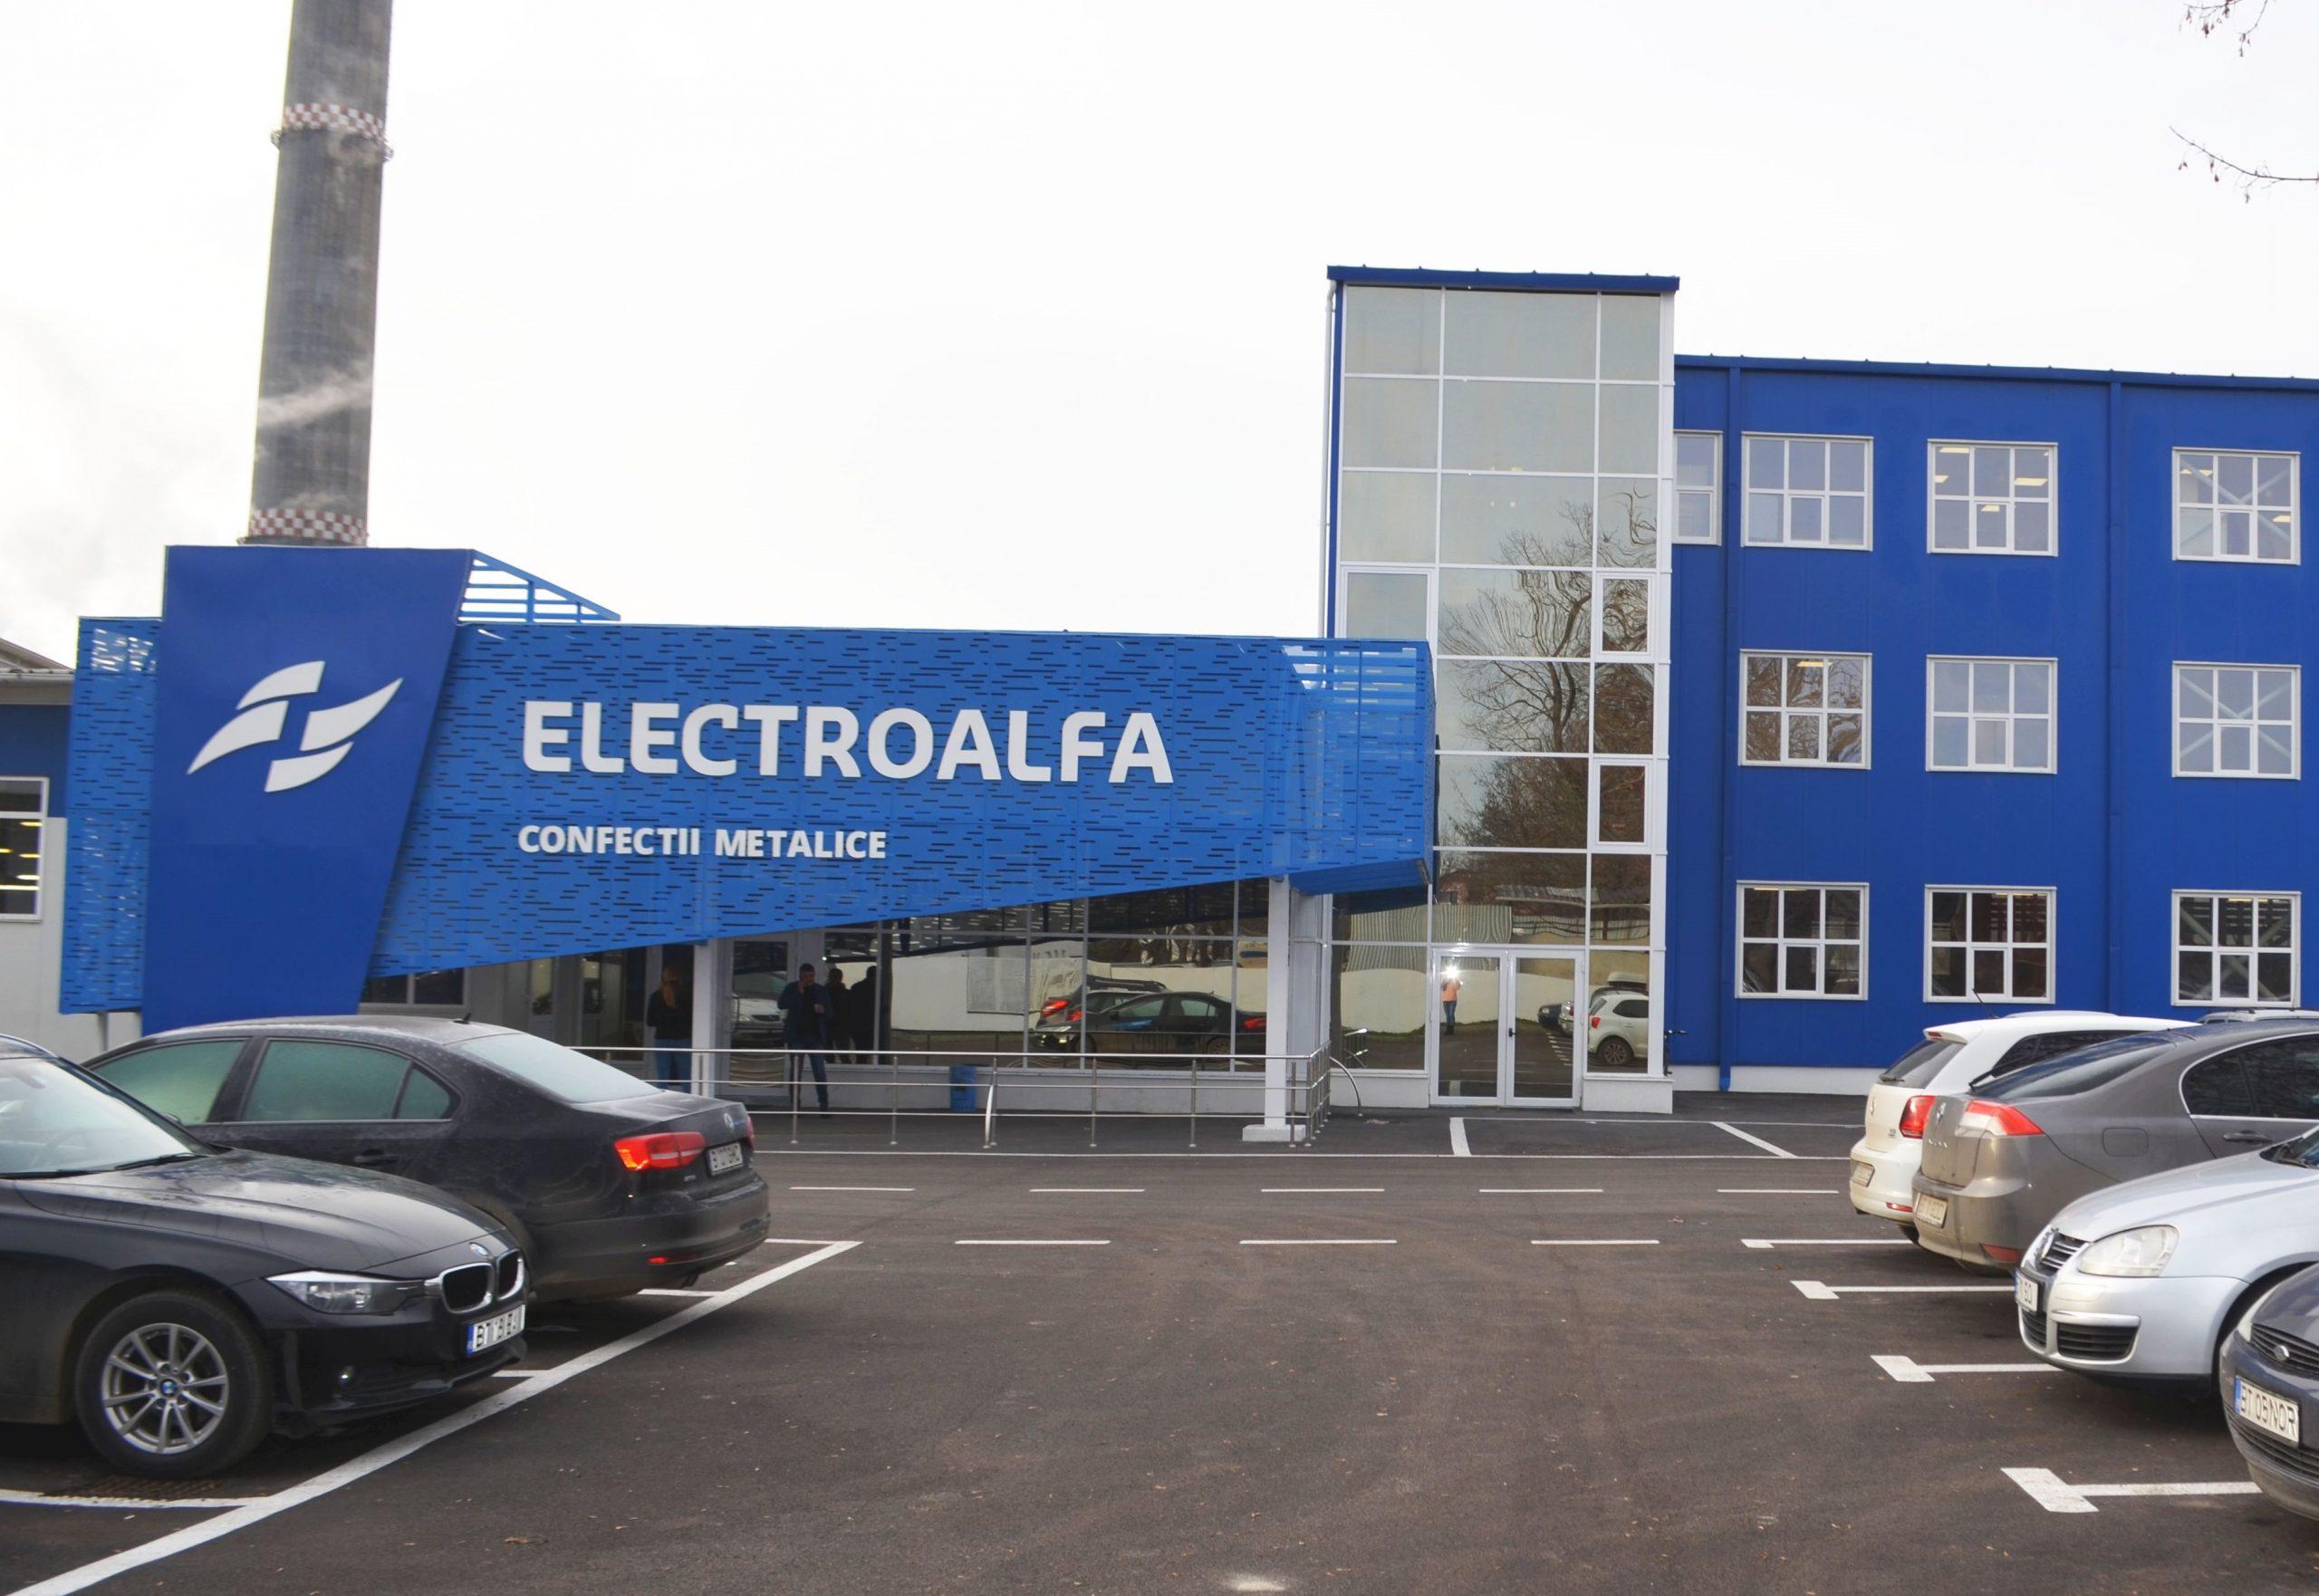 Compania Electroalfa va lansa un tunel dezinfectant cu opţiune de măsurare şi monitorizare automată a temperaturii